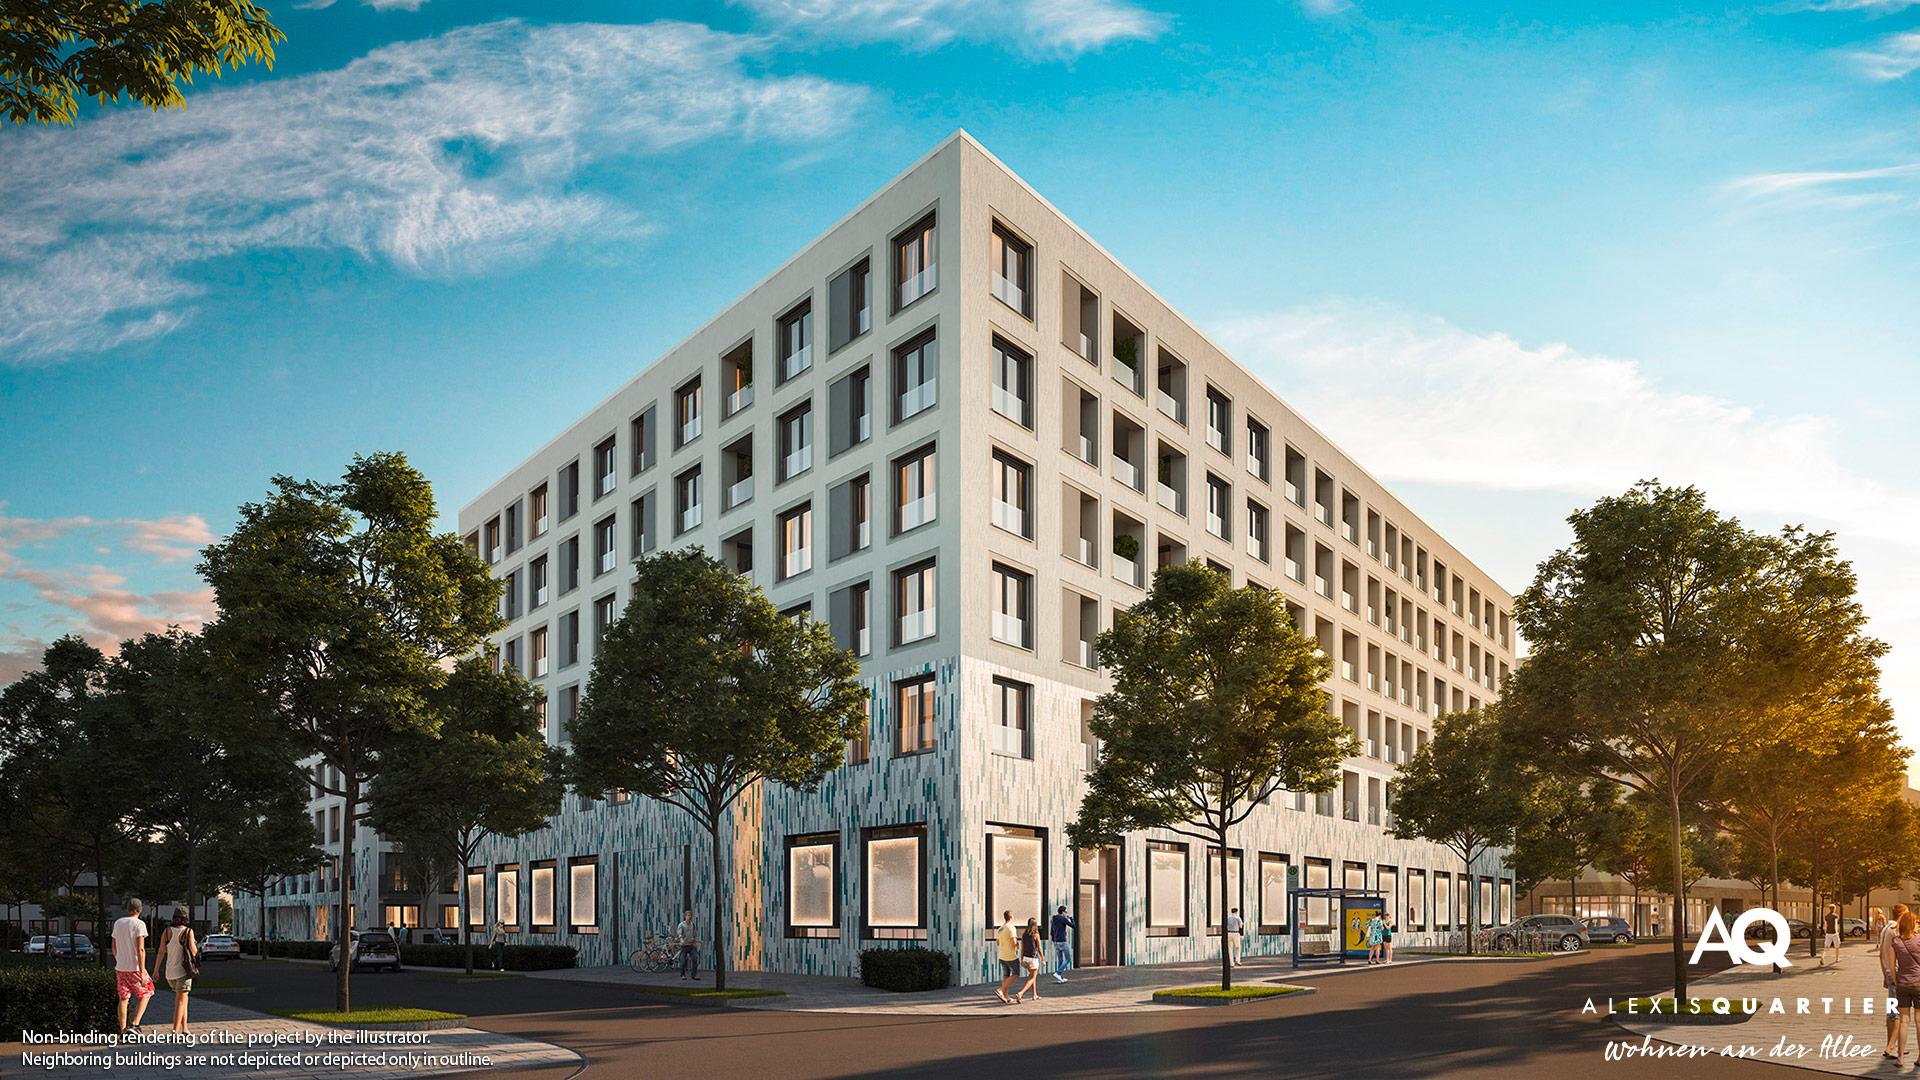 Property Alexisquartier - Wohnen an der Allee - Illustration 4